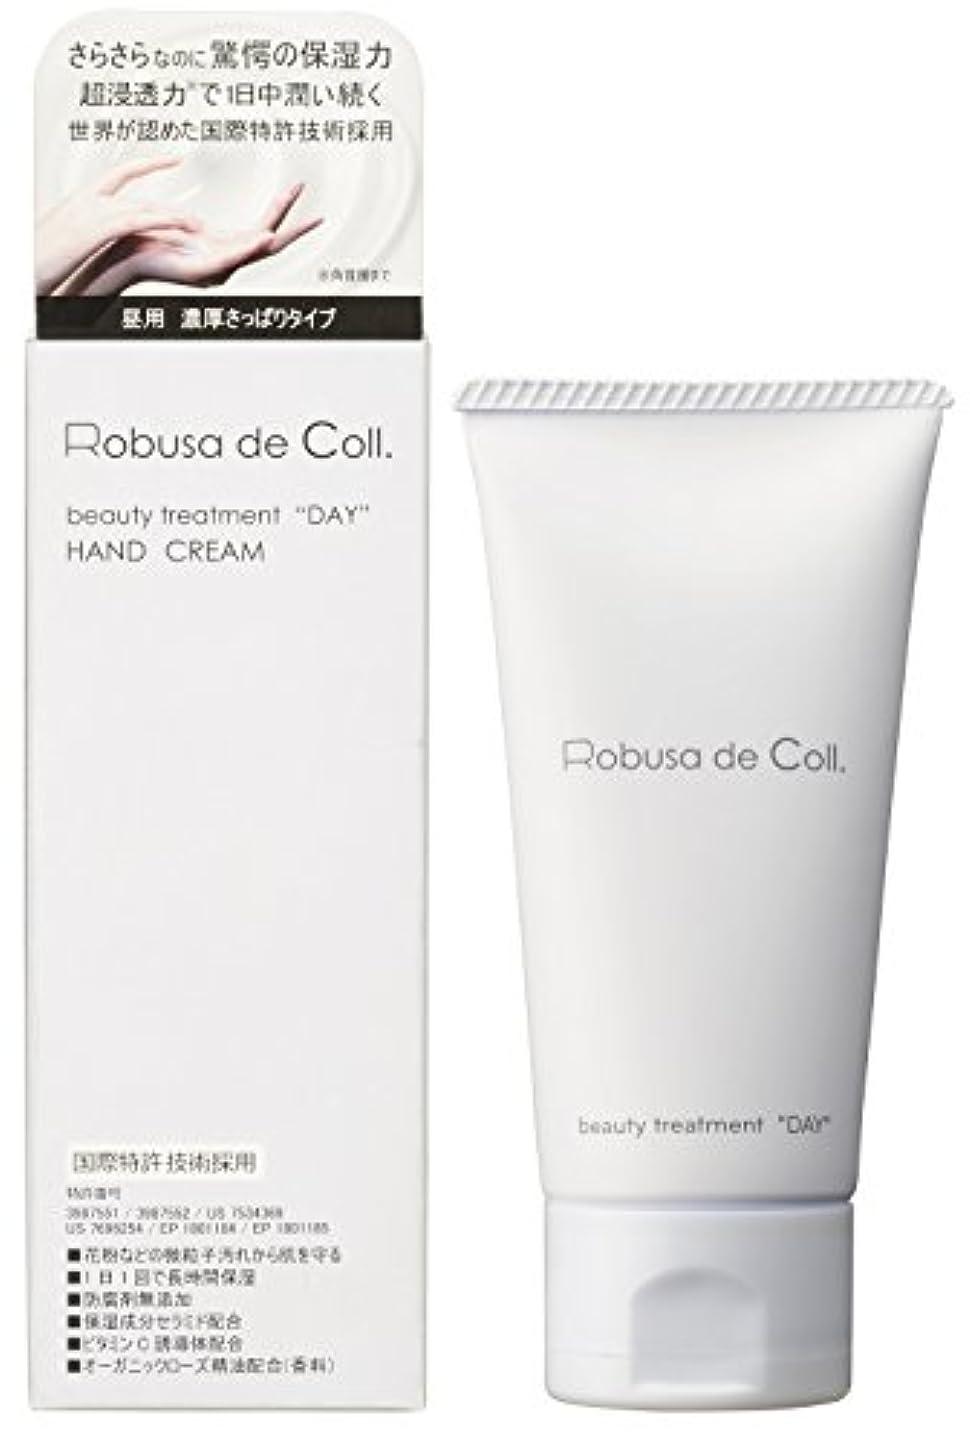 例免除先生Robusa de Coll. (ロブサデコル) デイケアクリーム (ハンドクリーム) 60g (皮膚保護クリーム 乾燥 敏感肌用)